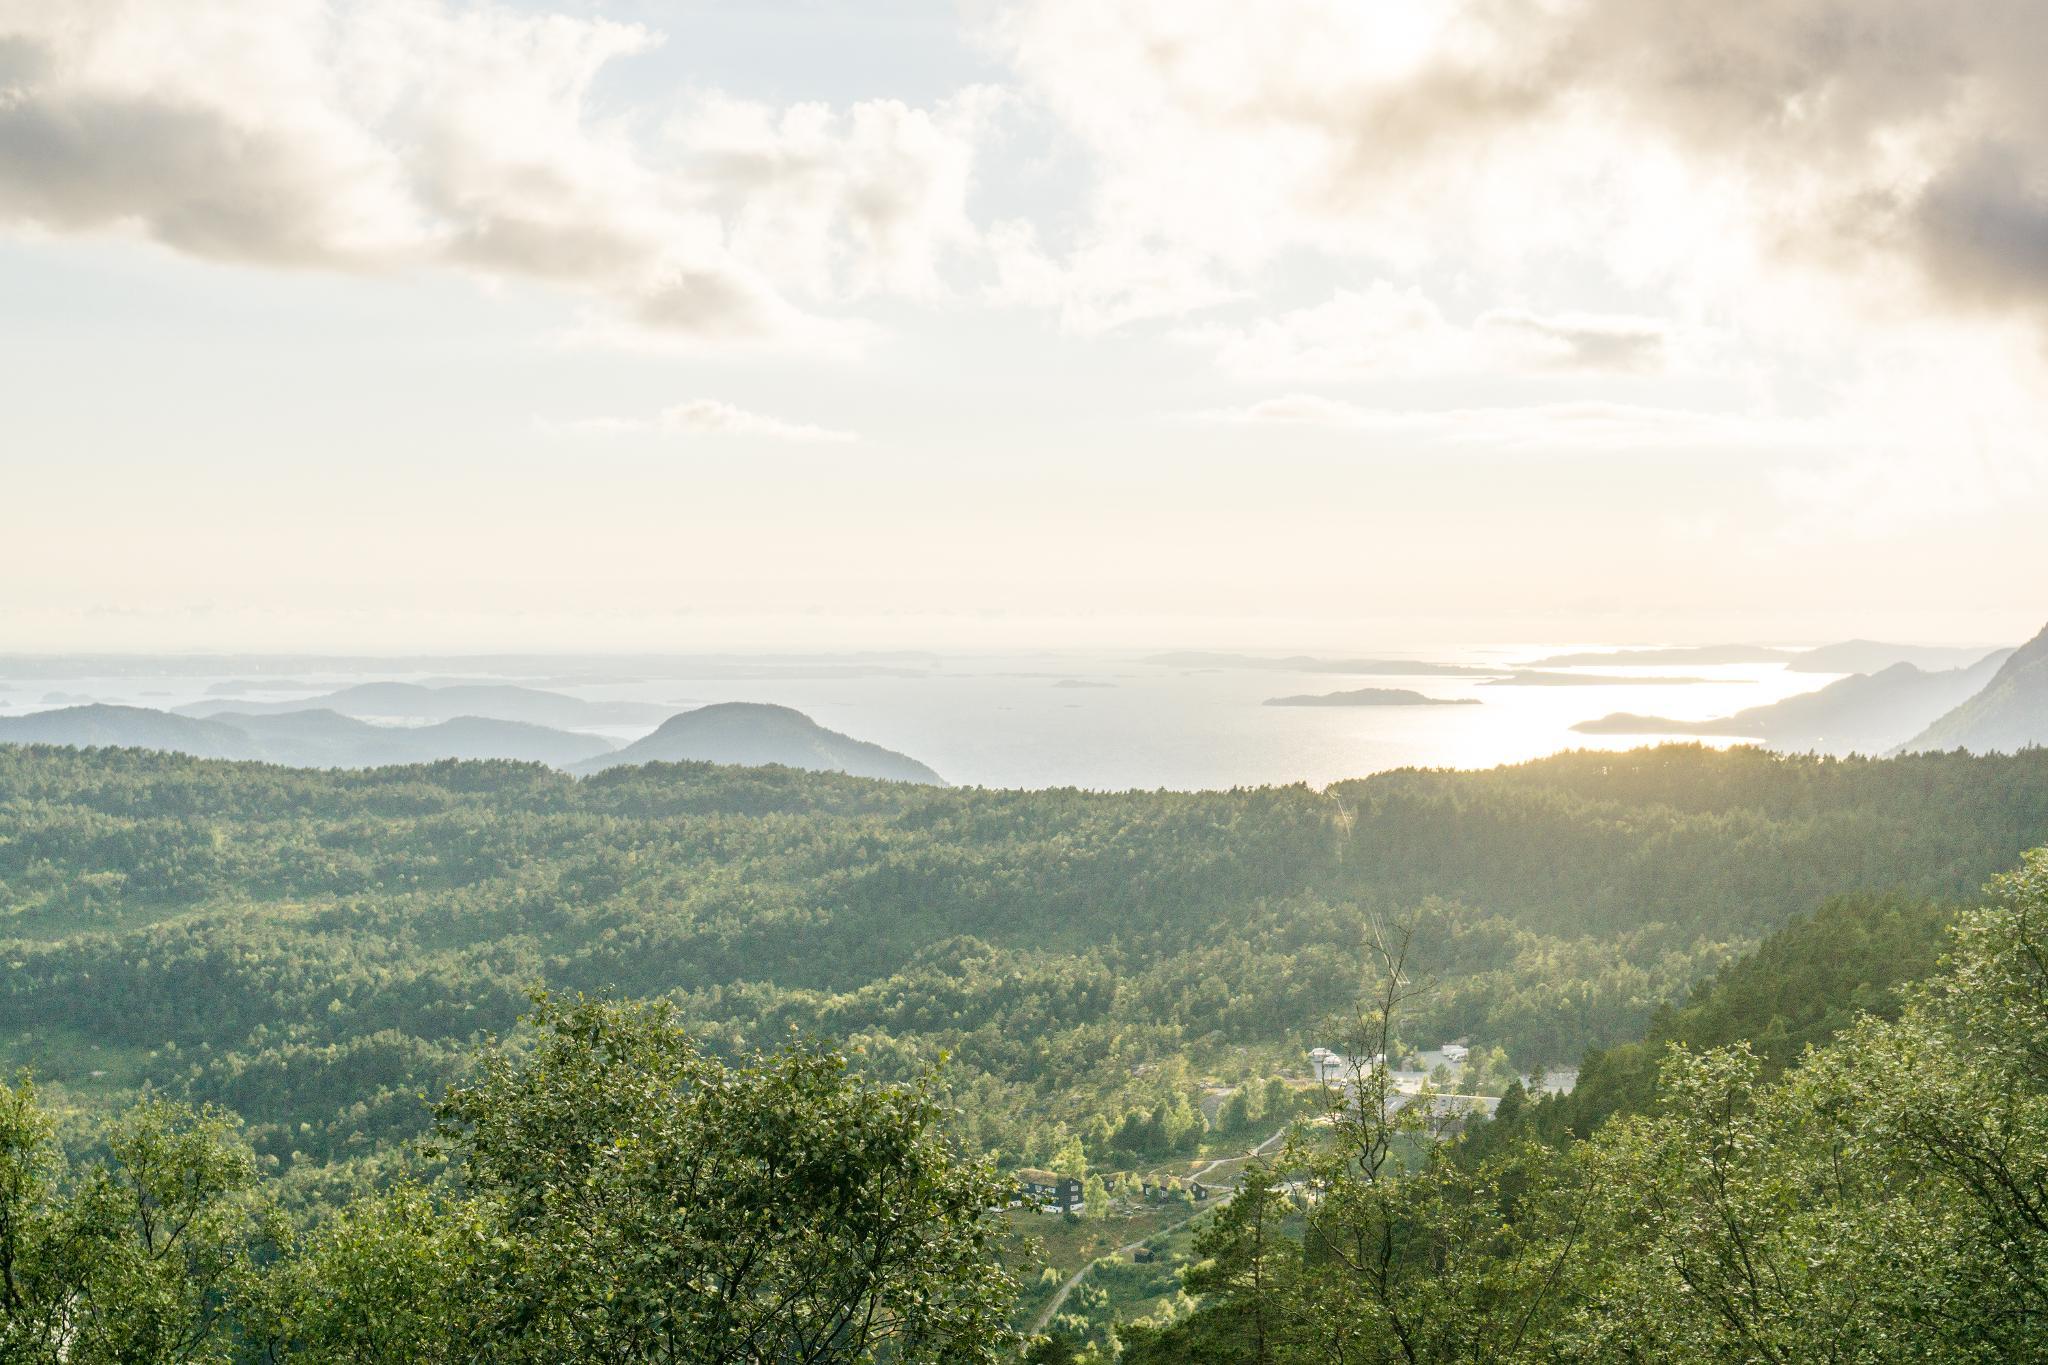 【北歐景點】朝聖挪威三大奇岩:聖壇岩Preikestolen健行紀錄 43